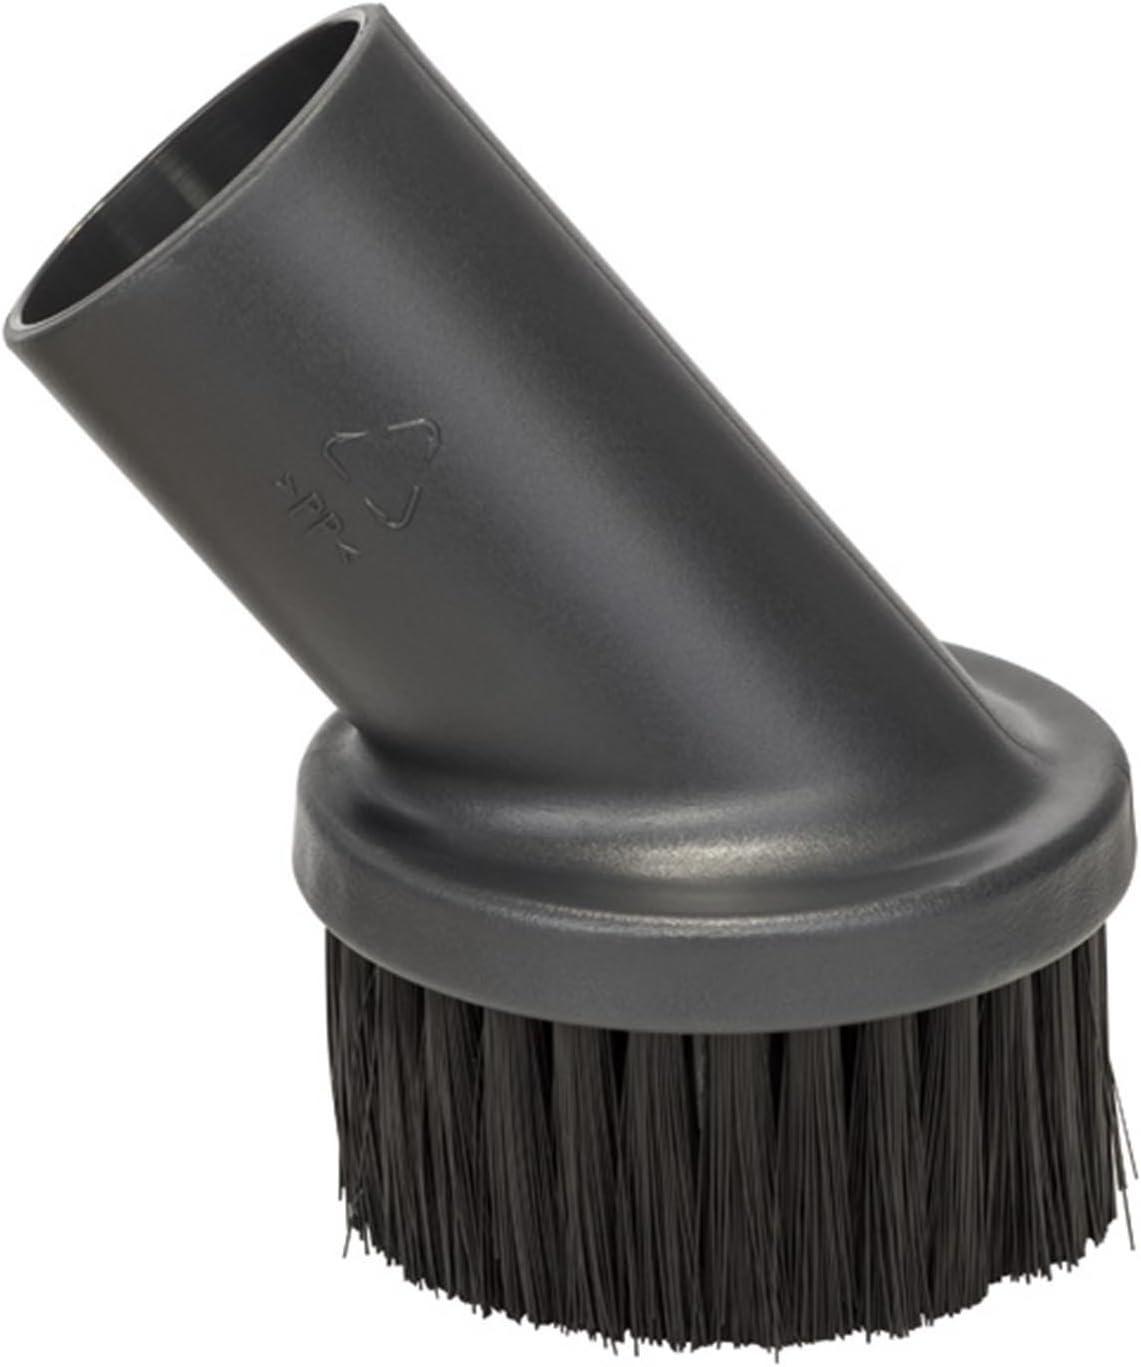 Bosch 1 609 390 481 - Cepillo aspirador - 35 mm (pack de 1): Amazon.es: Bricolaje y herramientas